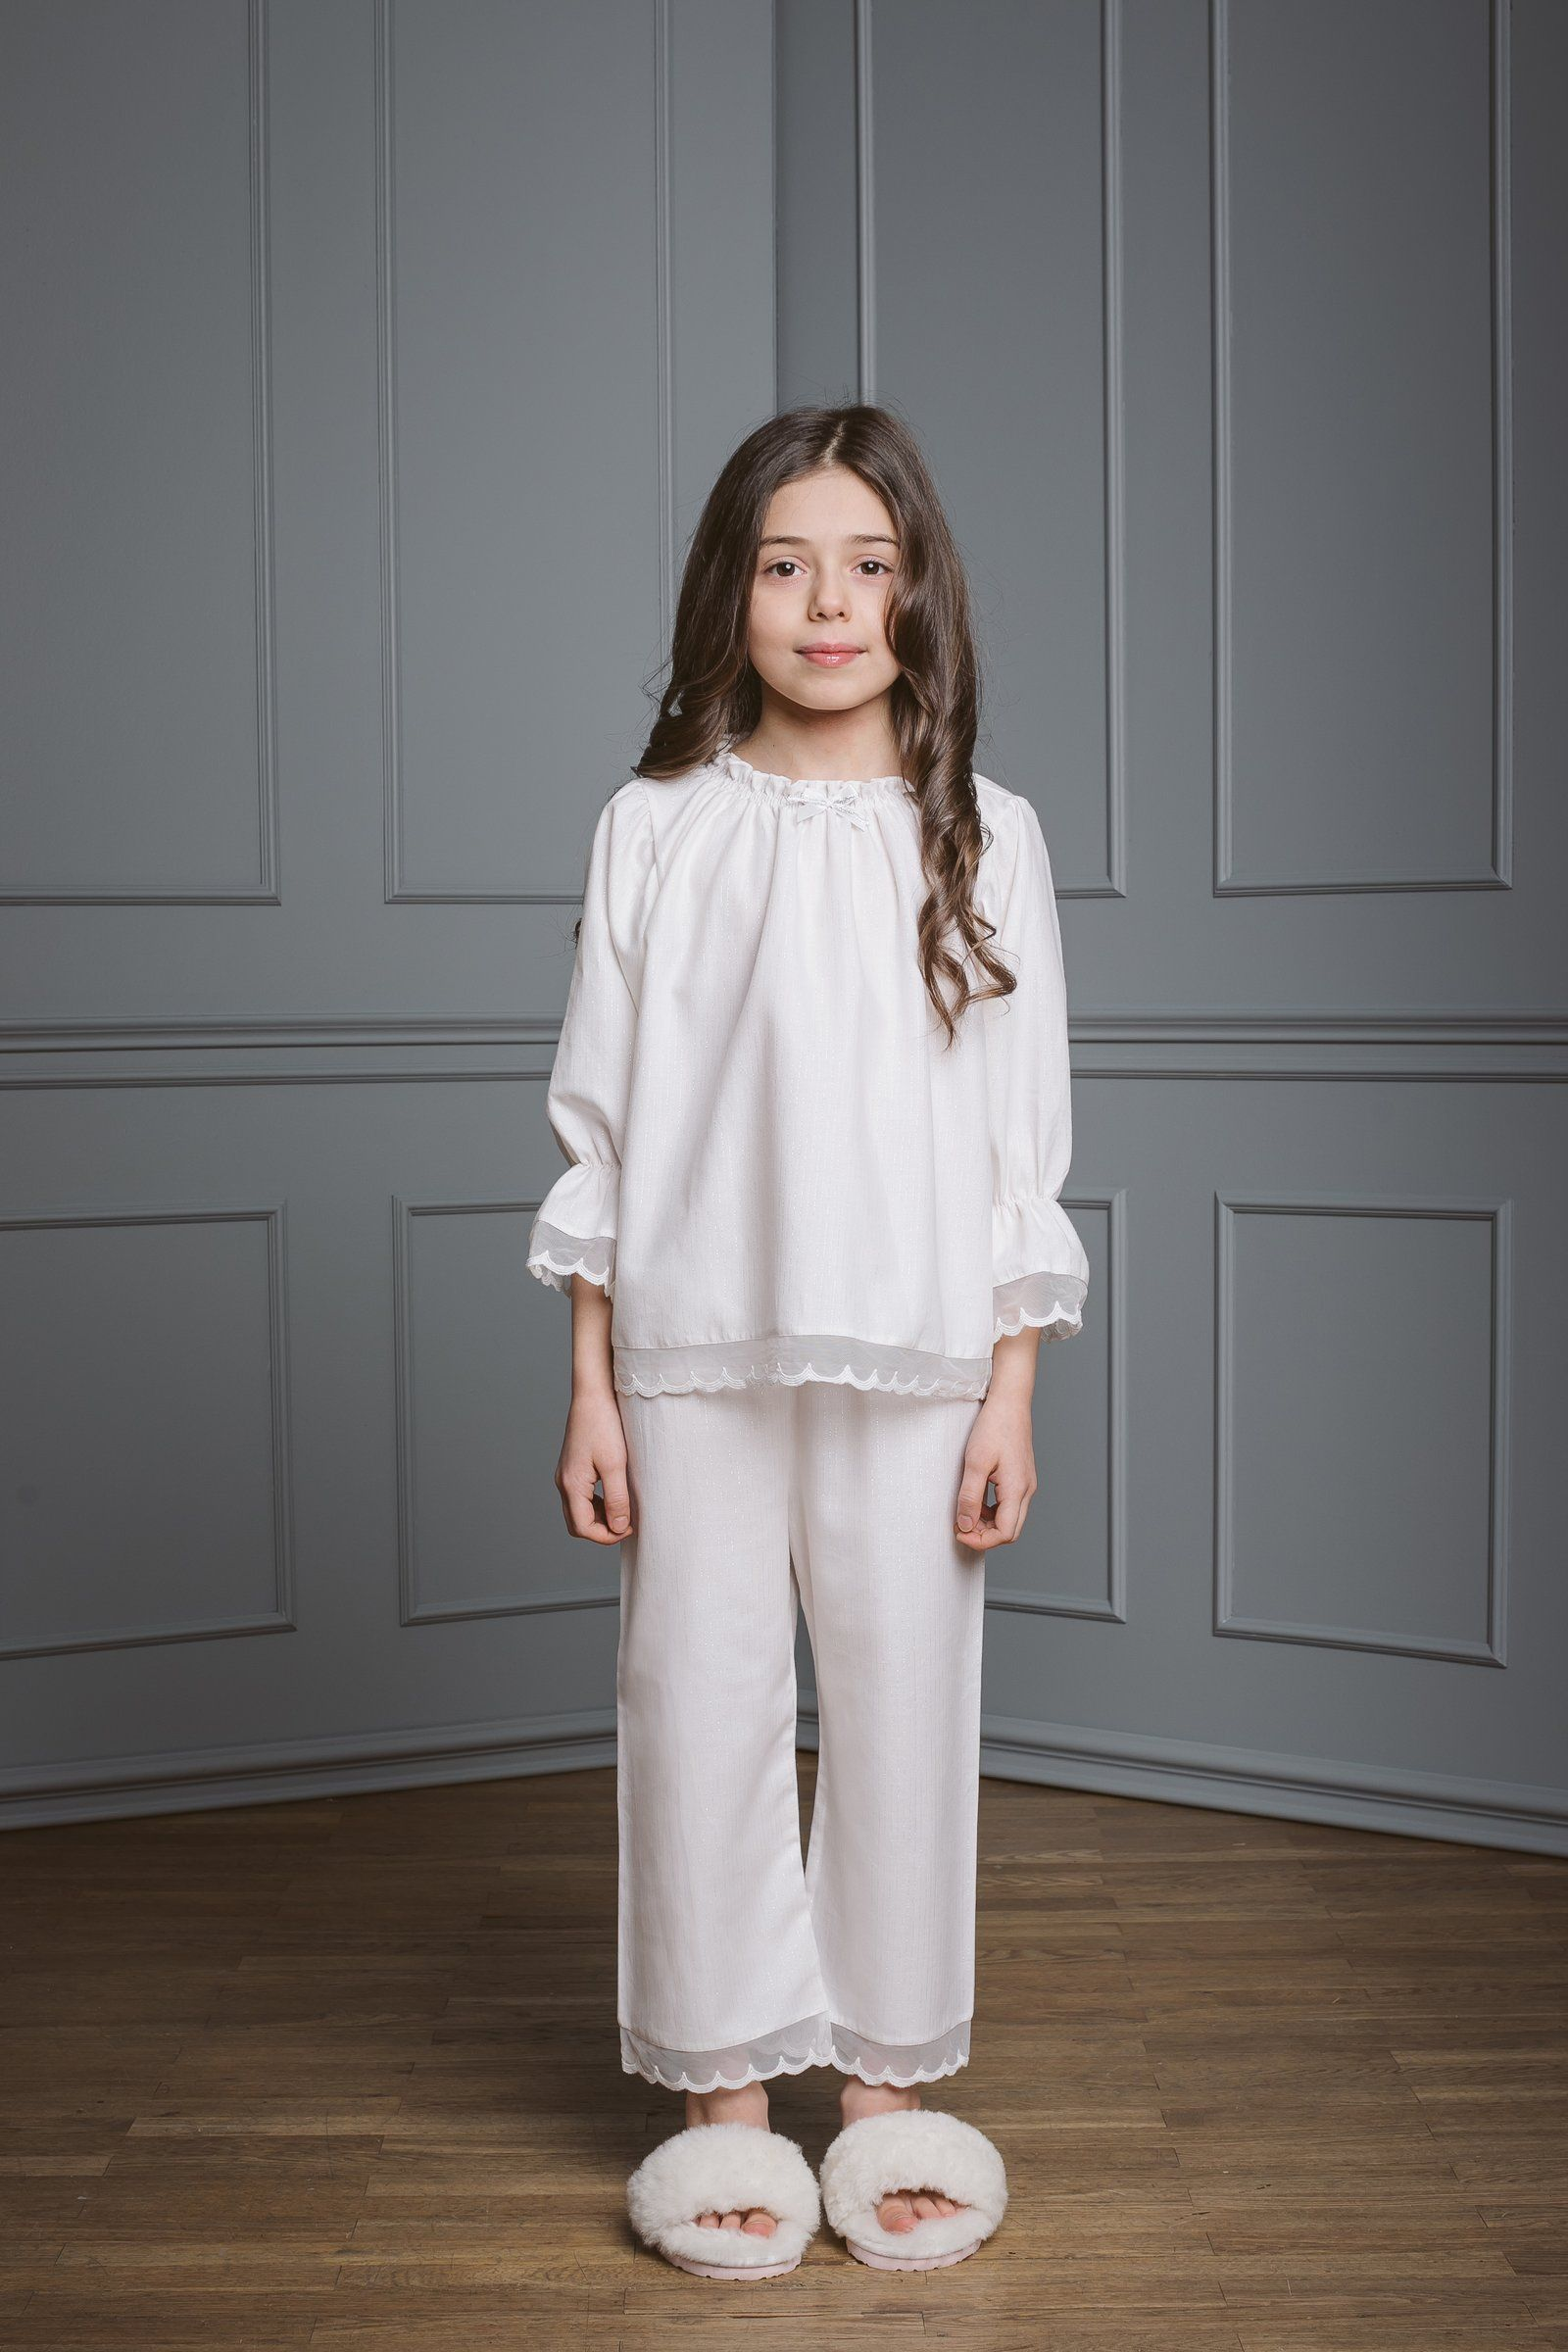 b6522d957 GRACE PYJAMA MILK -  Kids  Girls  Children  Nightwear  Sleepwear   Nightclothes  Homewear  amikichildren